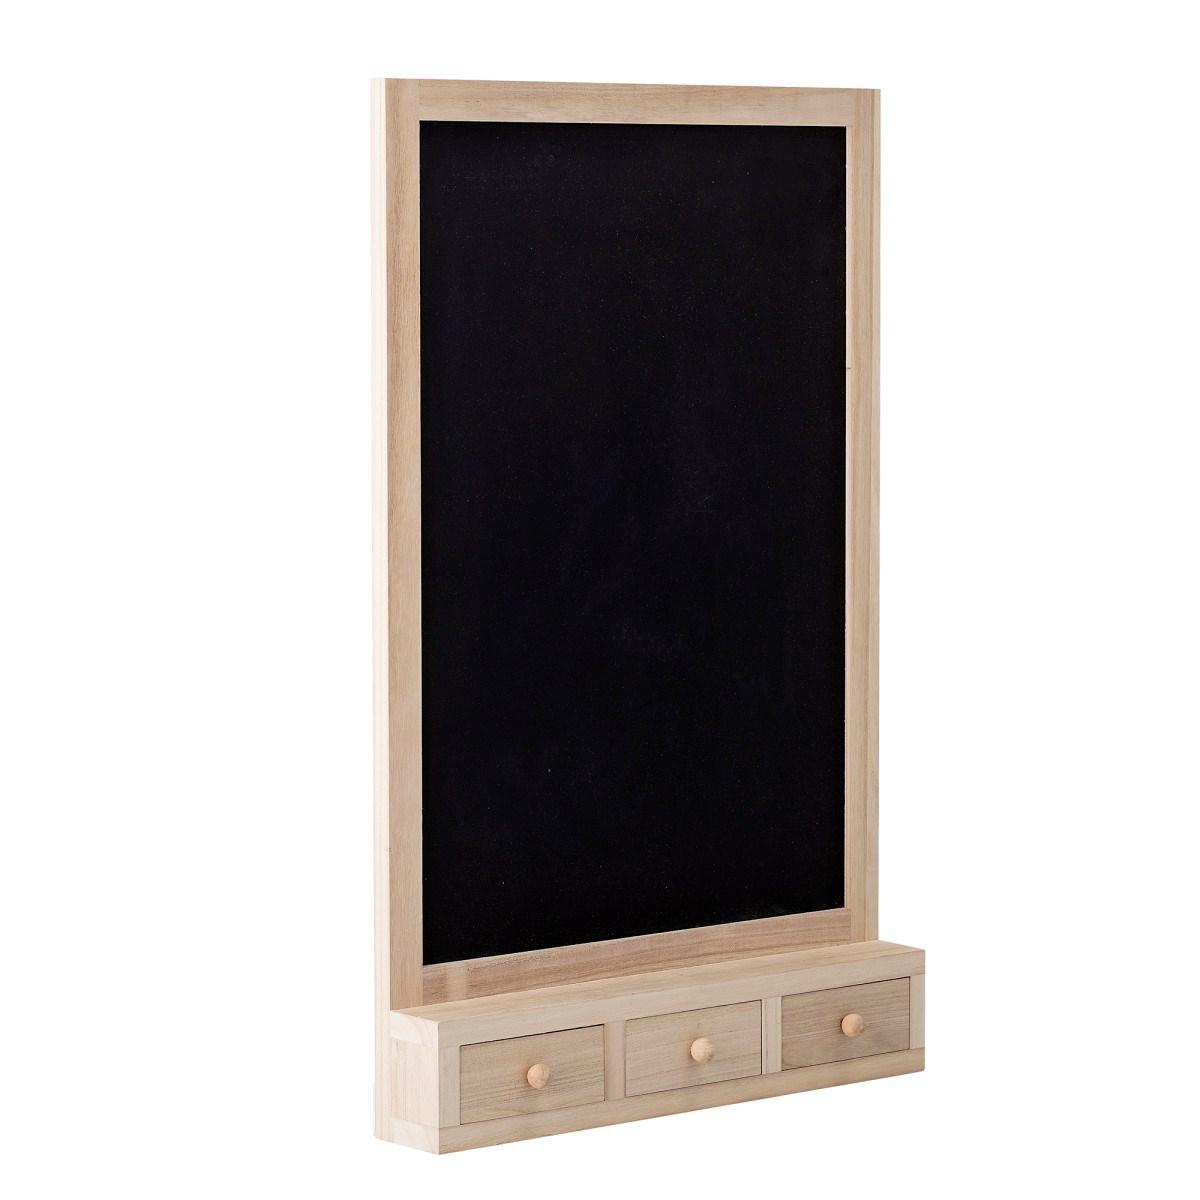 Nástěnná dřevěná tabule se třemi šuplíky_2